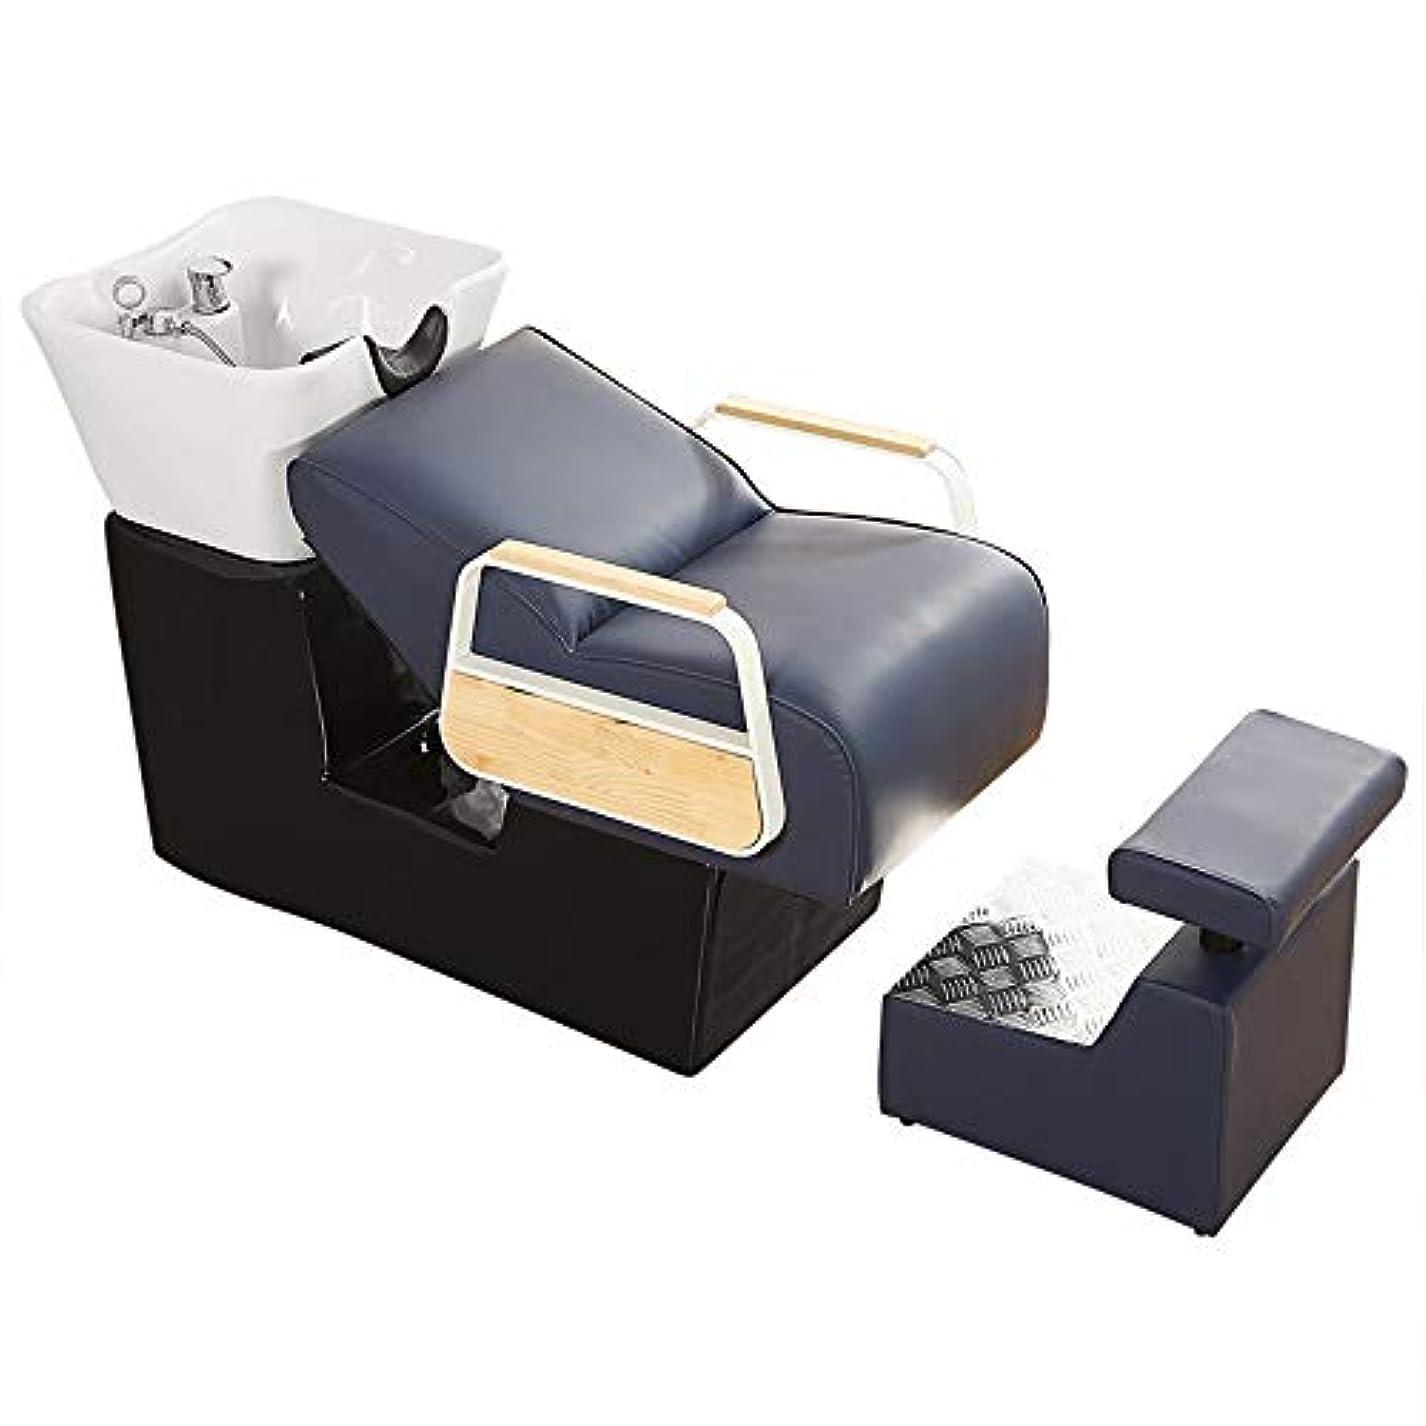 十億未払いしてはいけませんシャンプーの椅子、逆洗の単位の陶磁器の洗面器の洗面器のための洗面器のボウル理髪シンクの椅子